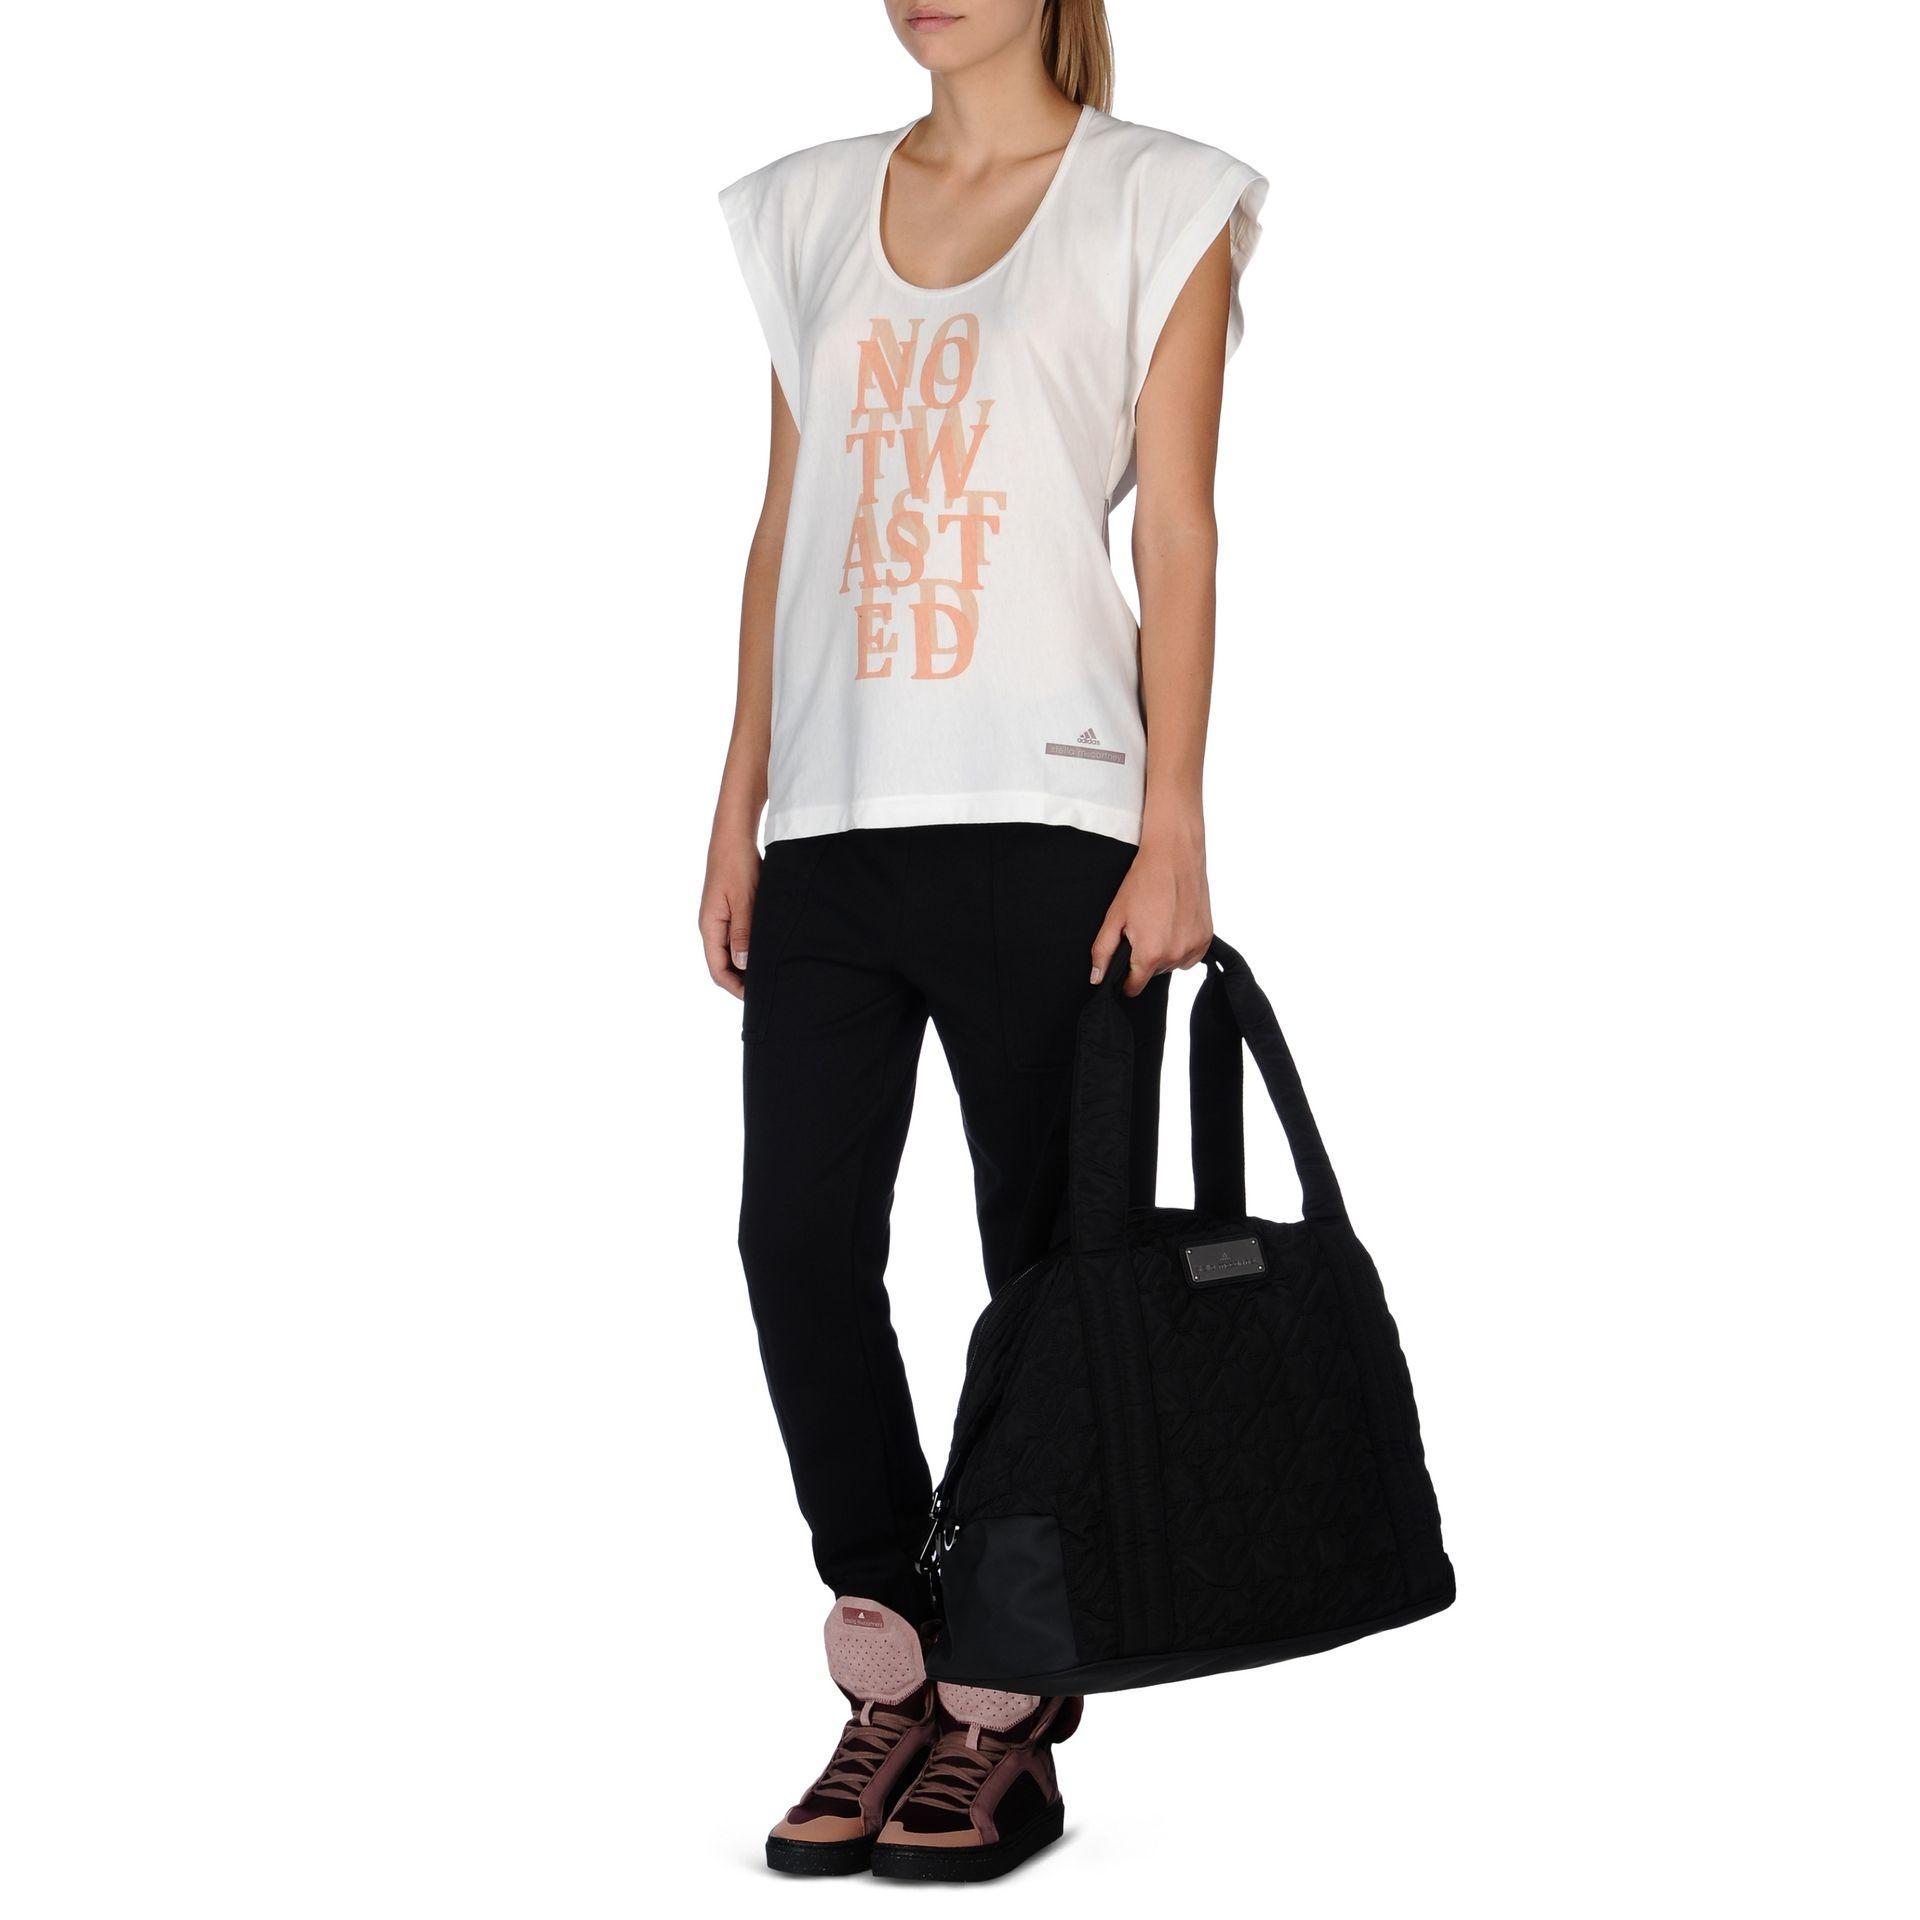 4e7450da1960 adidas By Stella McCartney Big Gym Bag in Black - Lyst